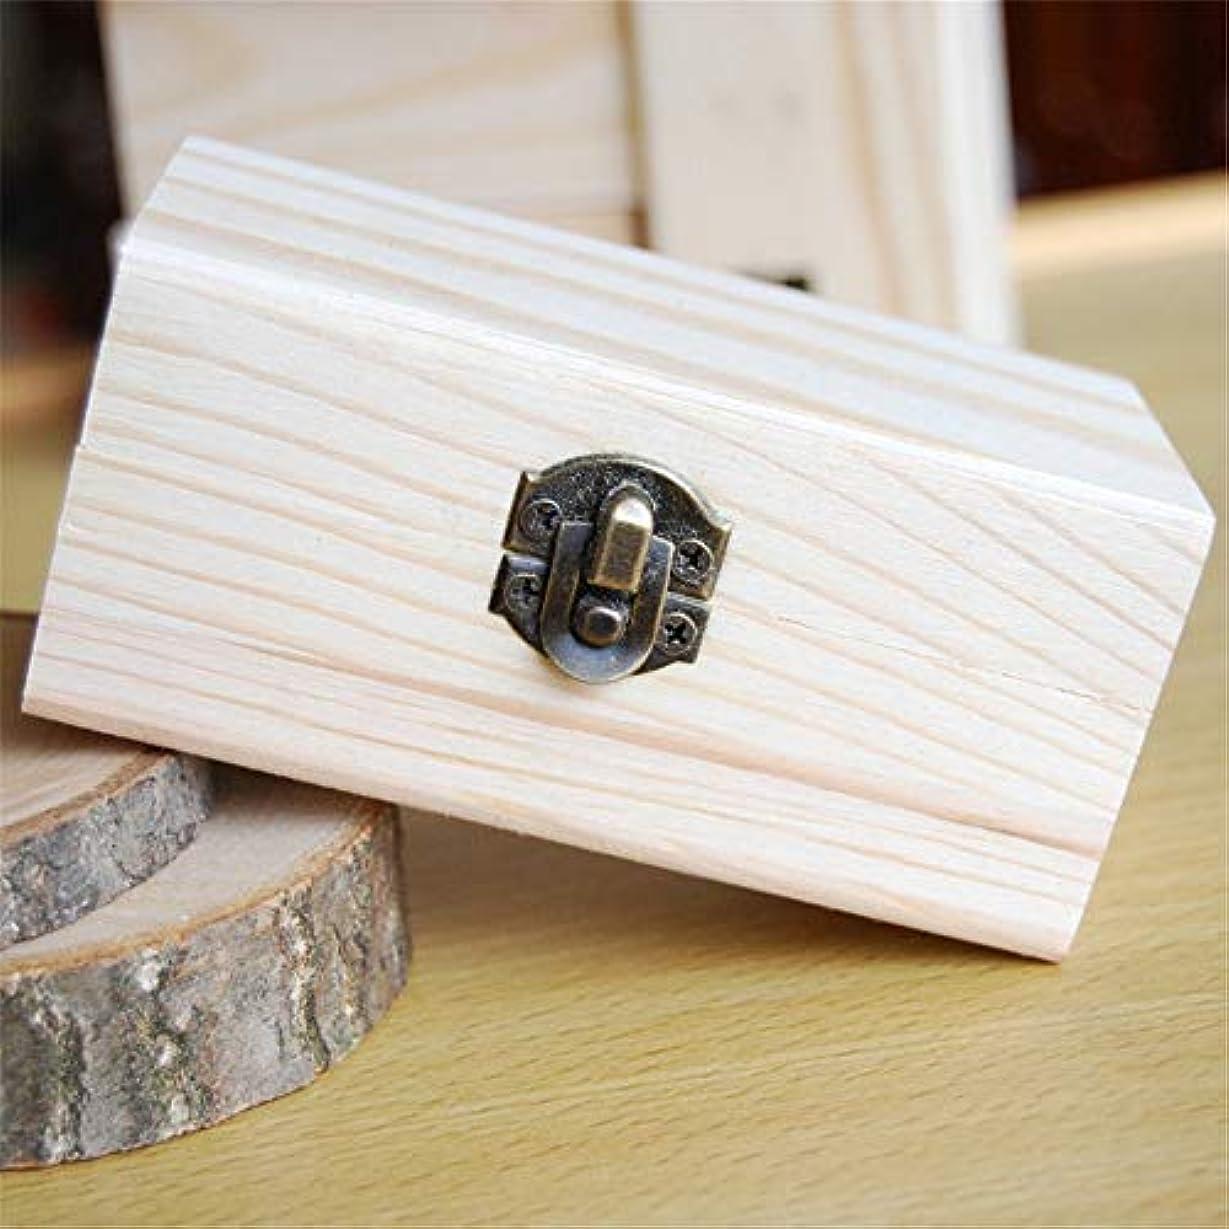 意義オペレーターカセットエッセンシャルオイル収納ボックス 安全に油を維持するための品質の木製エッセンシャルオイルストレージボックスベスト (色 : Natural, サイズ : 10X6X5CM)